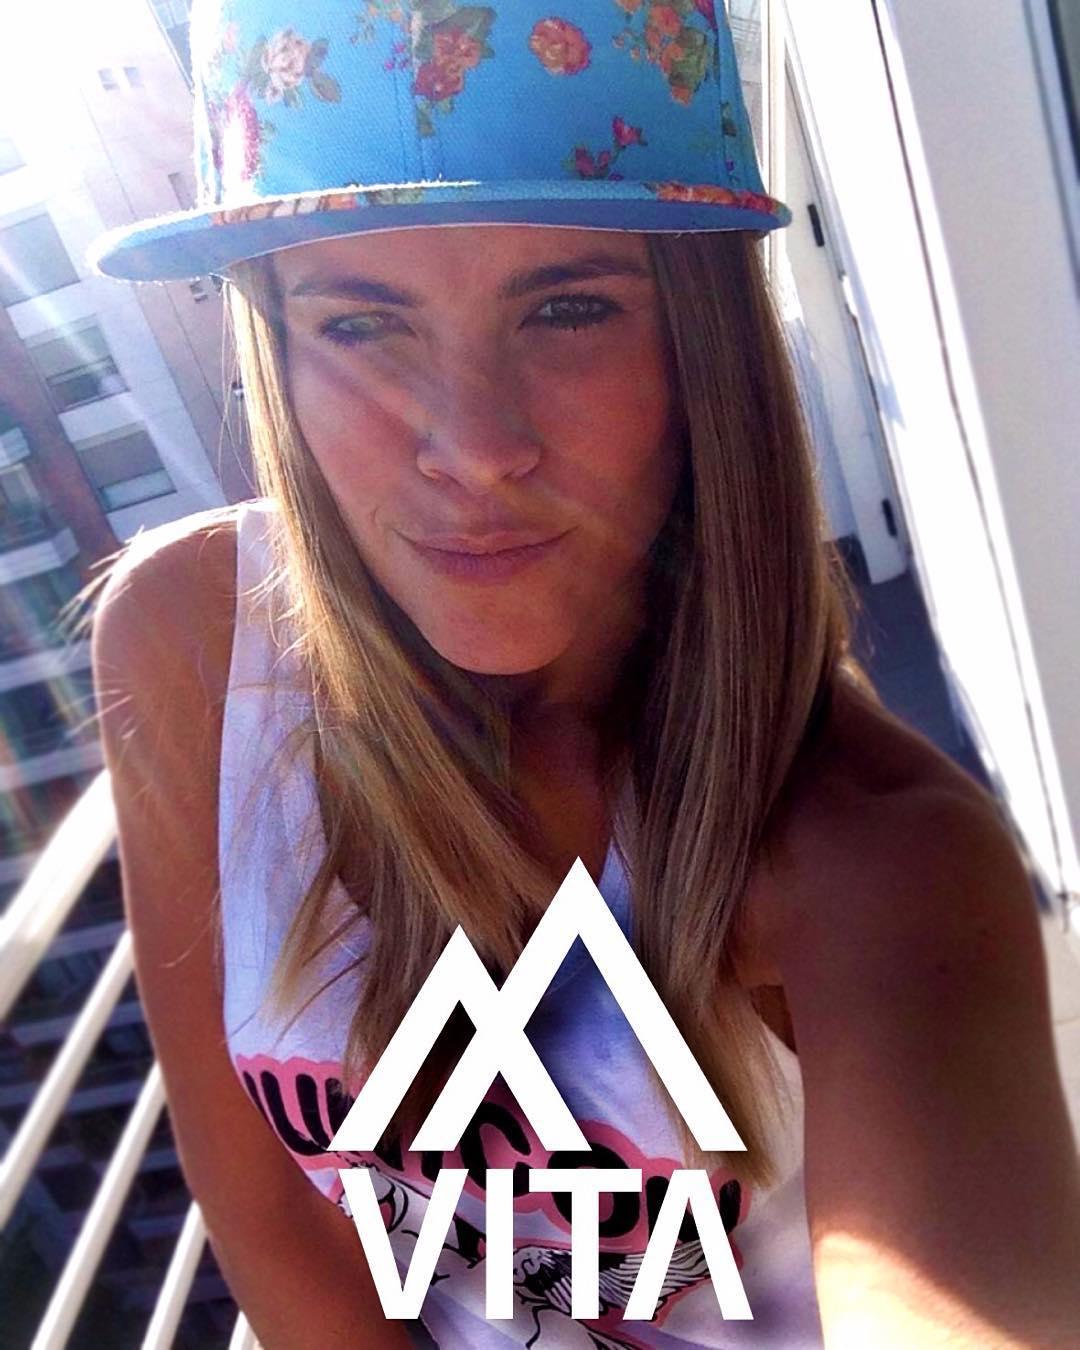 Llega el verano y en #VITA todo lo que necesitas!